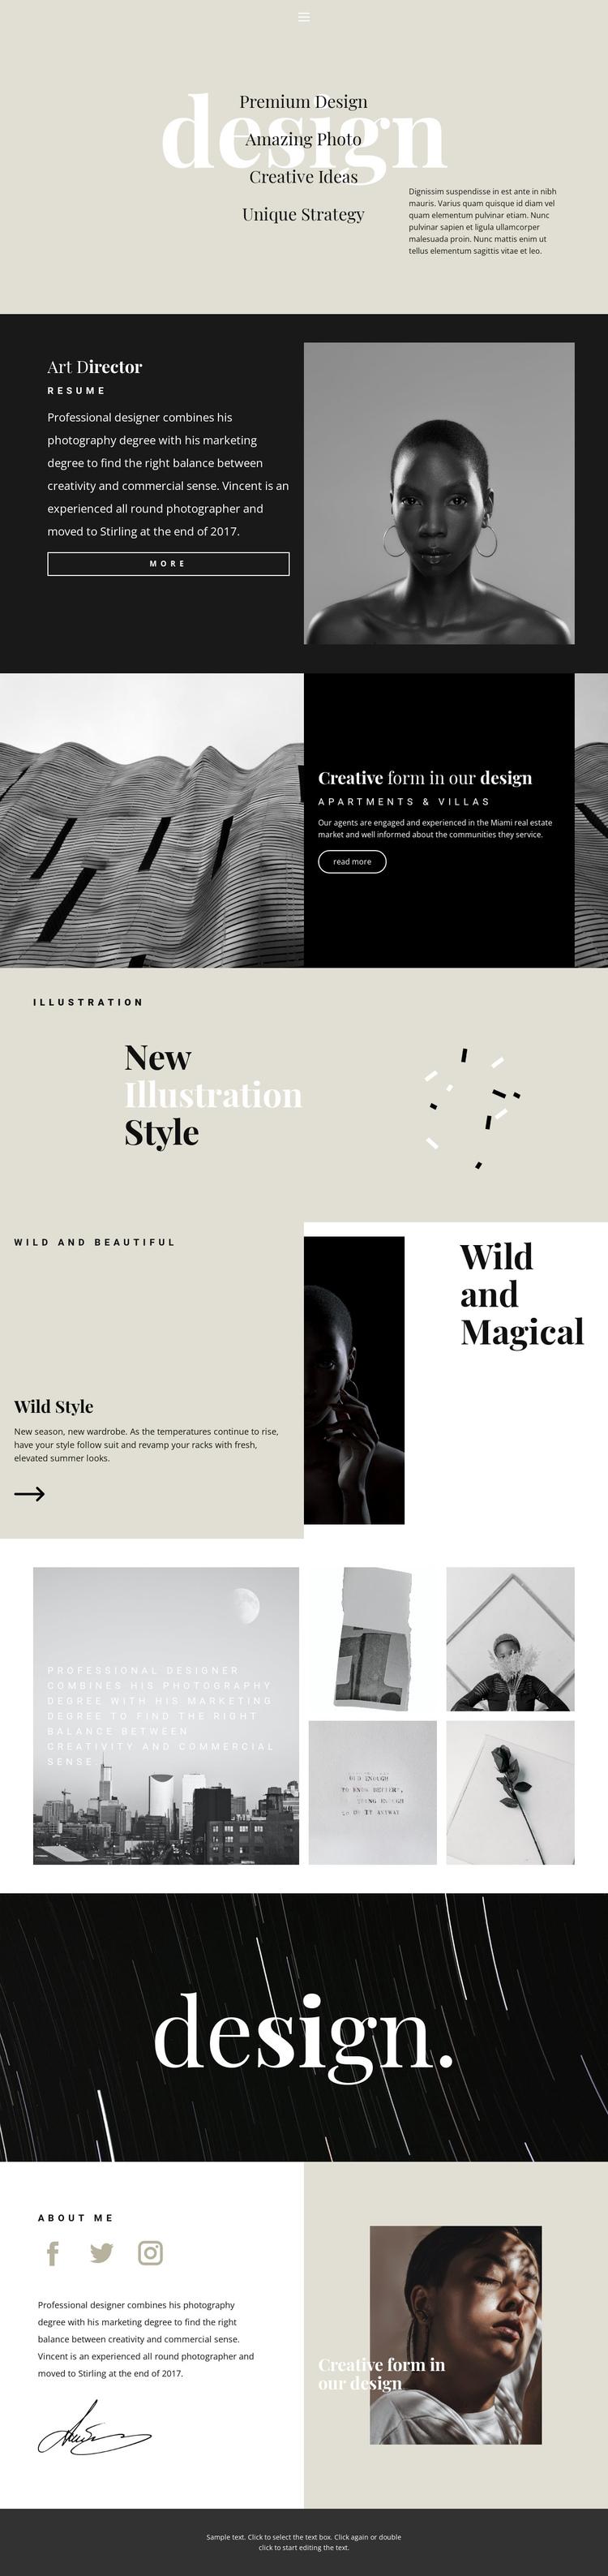 Directions of design studio Website Builder Software